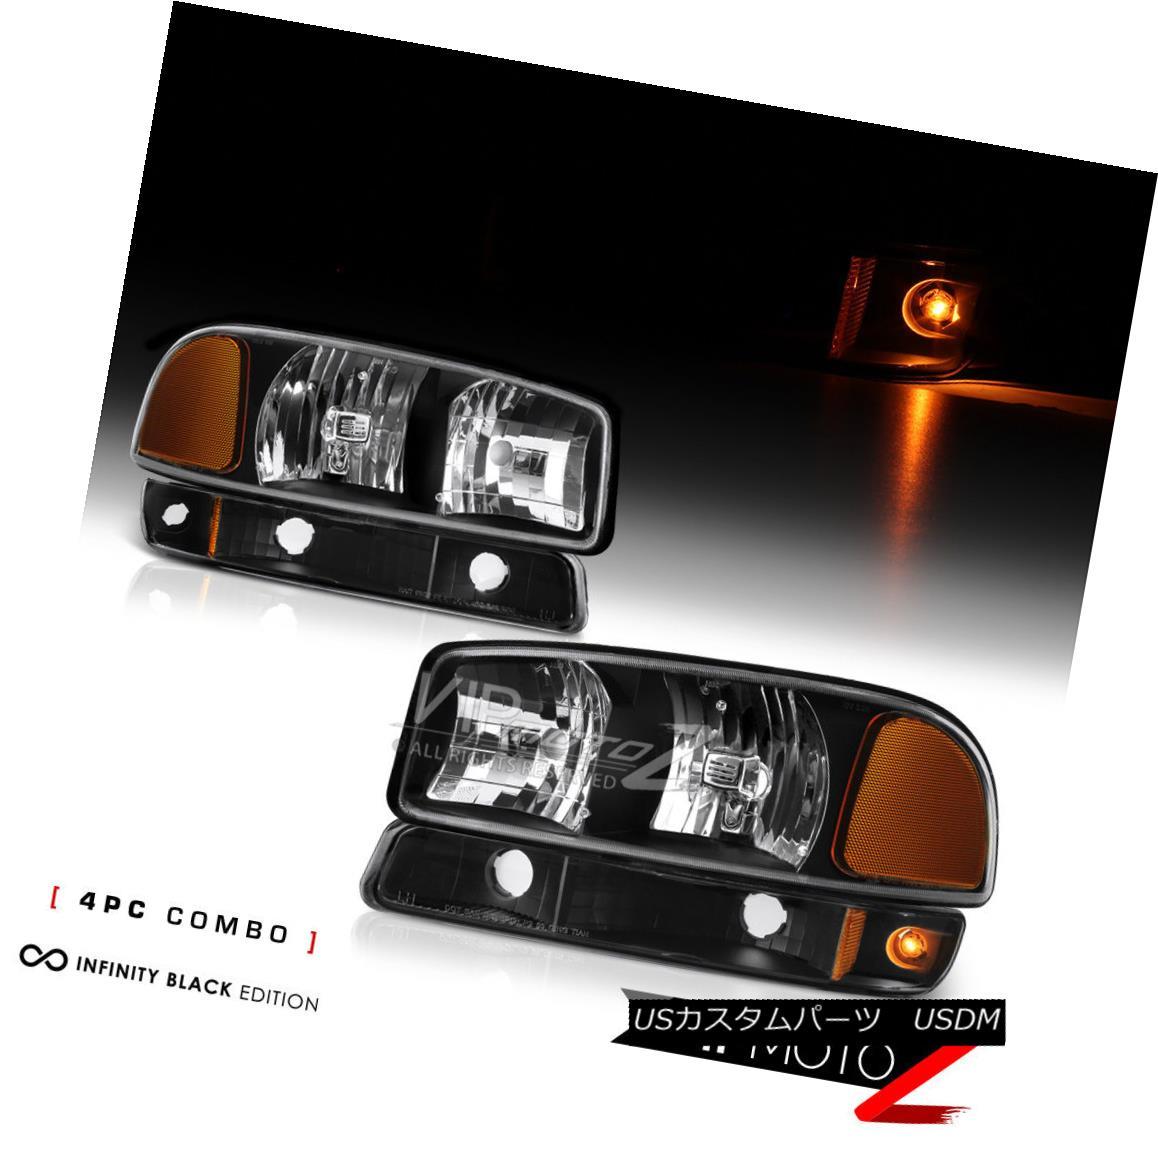 ヘッドライト 1999-2006 GMC Sierra 1500 2500 Yukon XL Black Headlights Bumper Lamp Replacement 1999-2006 GMC Sierra 1500 2500 Yukon XLブラックヘッドライトバンパーランプ交換